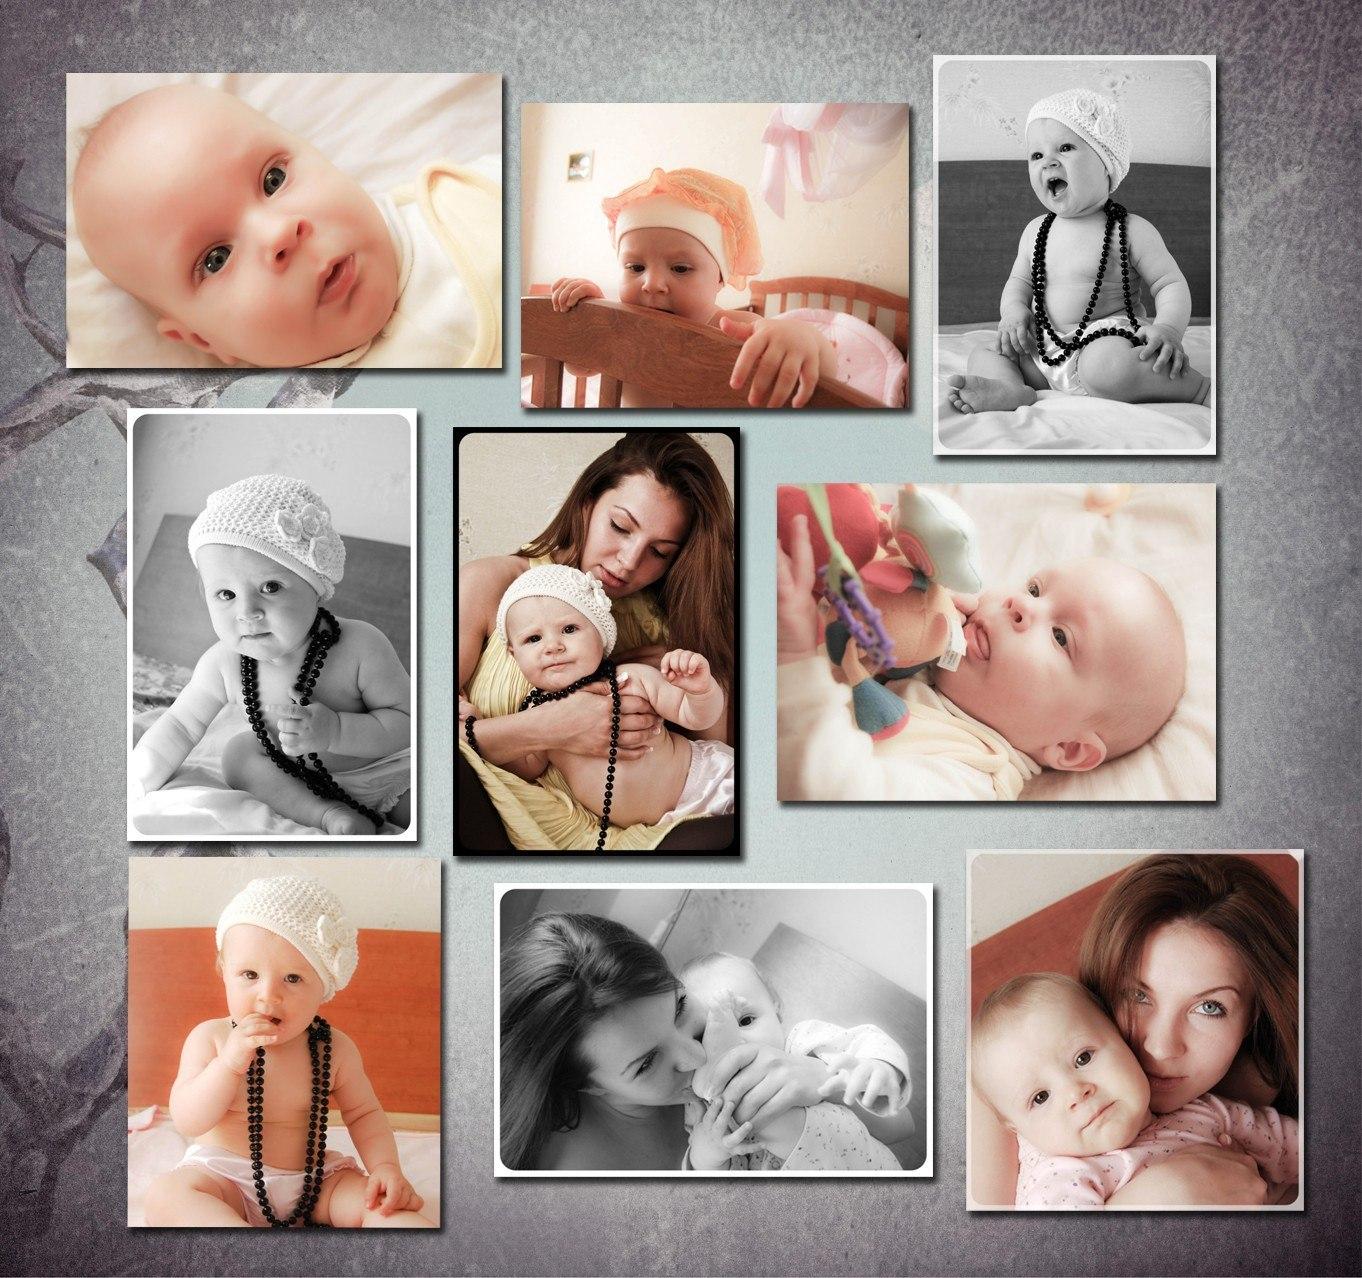 Поздравления, как сделать одну картинку из нескольких фотографий